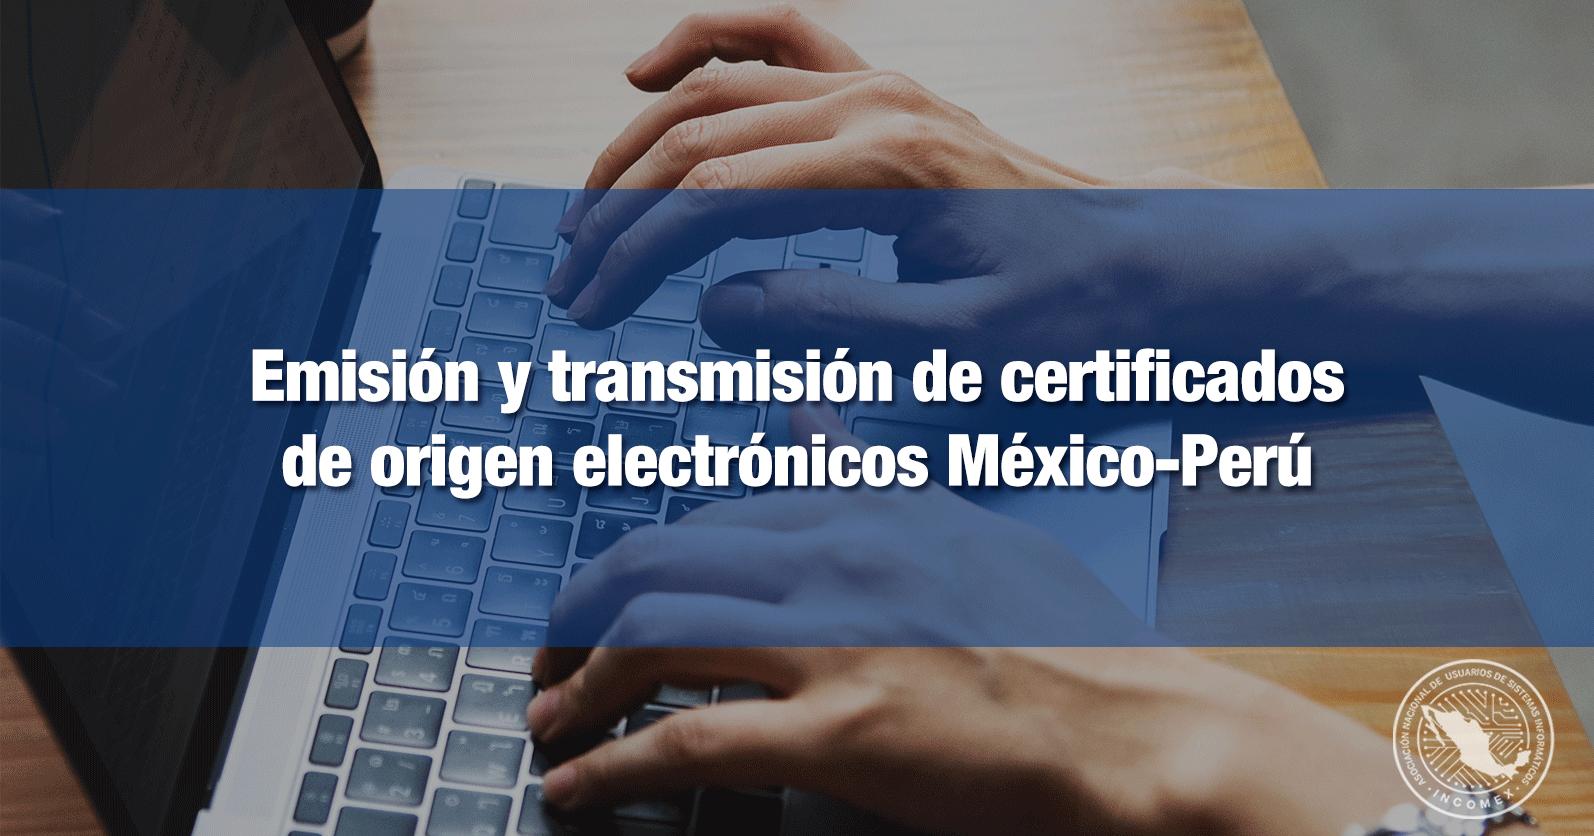 Emisión y transmisión de certificados de origen electrónicos México-Perú